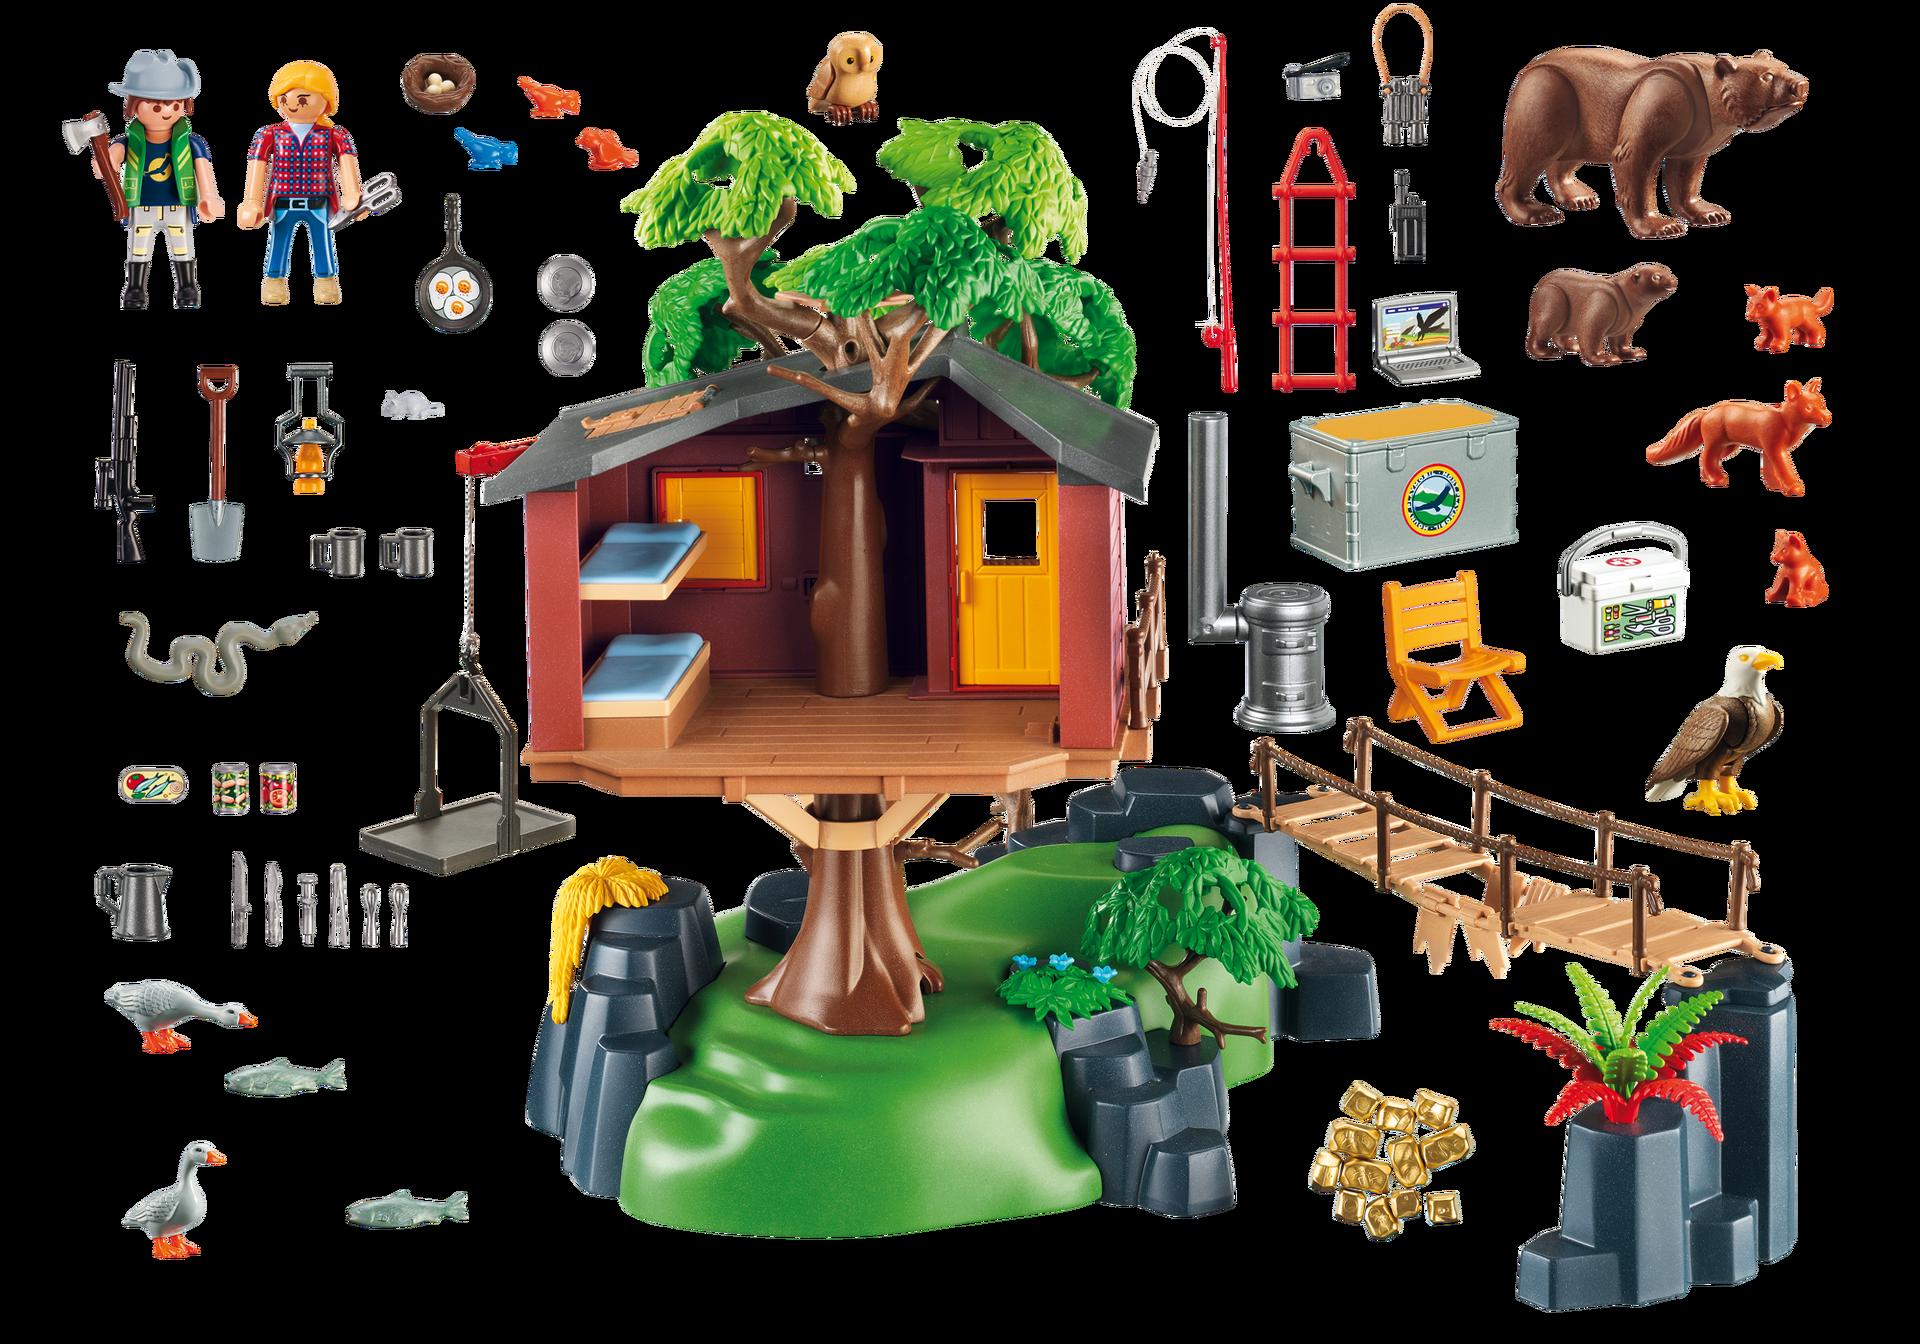 Cabane des aventuriers dans les arbres 5557 playmobil - Maison en bois playmobil ...